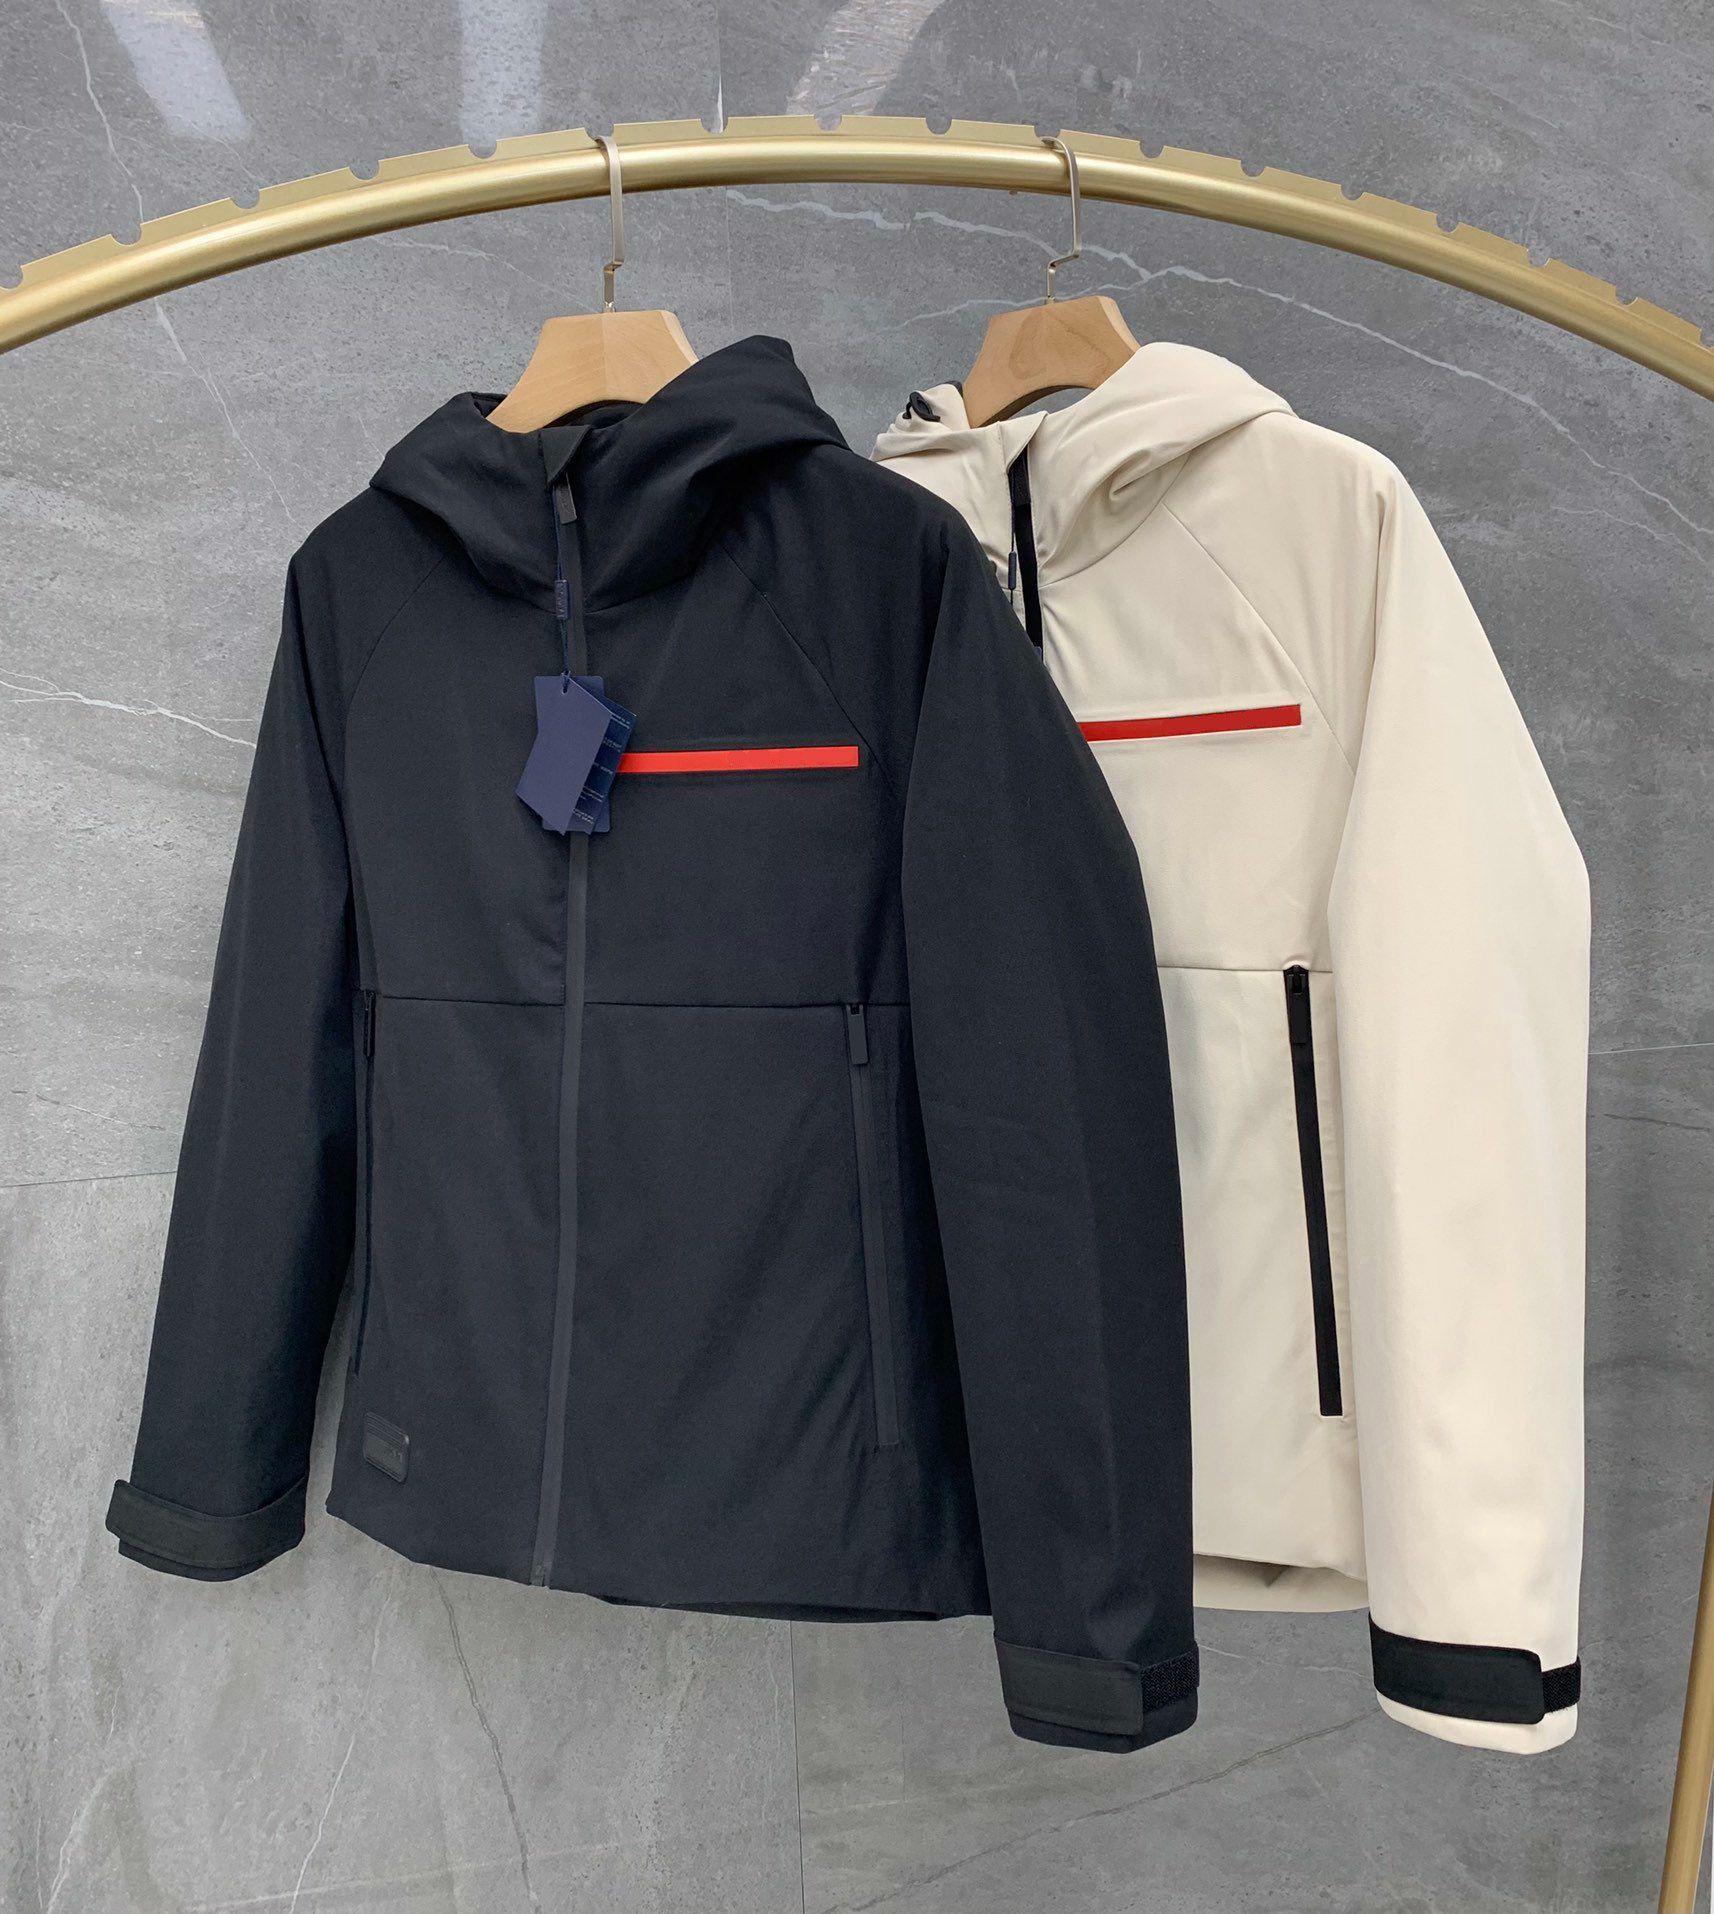 20 ss Herren Down Jacket Marke Retro Neue Winterjacke Stehkragen Nähte Kontrastübergroßer weißer Gänse nach unten winddicht und Regenschutz